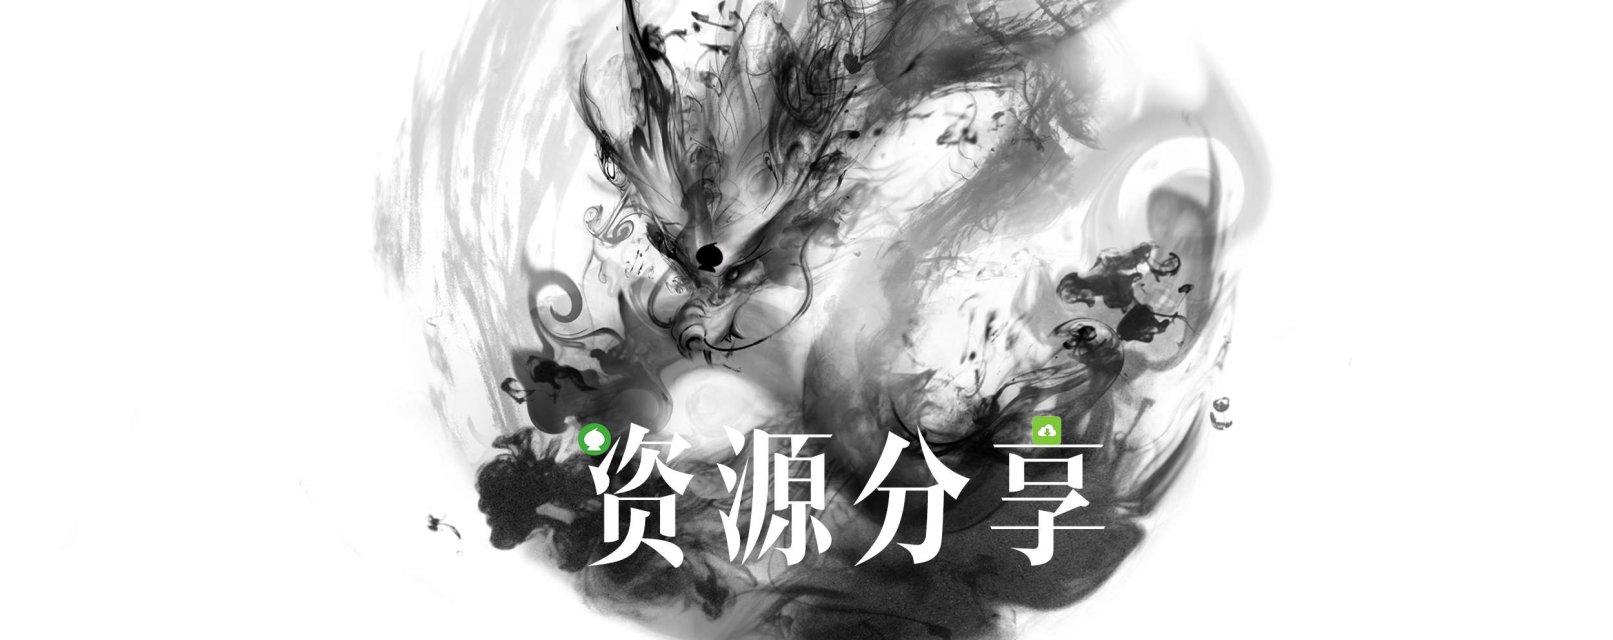 【资源分享】美图文字秀秀-爱小助